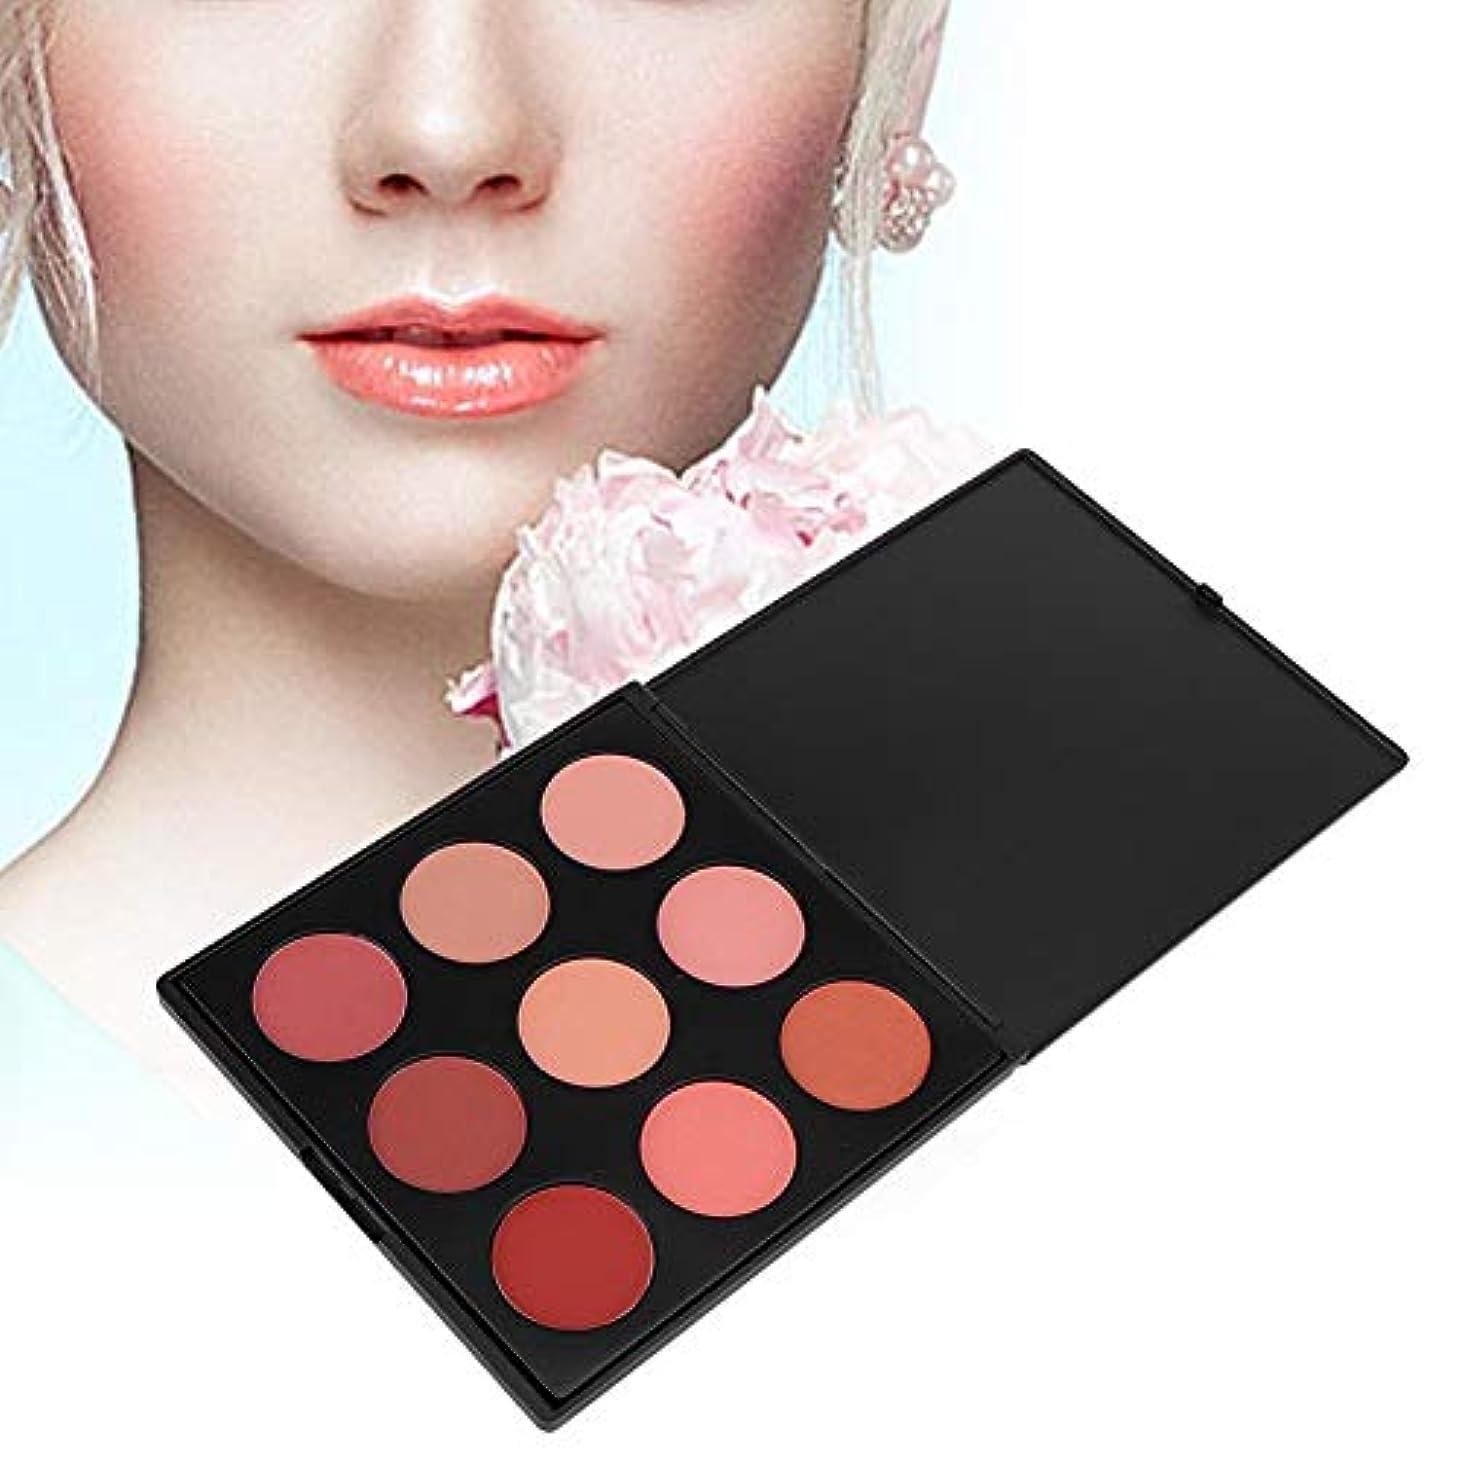 良心棚支援する9色 フェイスメイクアップ ブラッシャーフェイス 輪郭整形 パワーロングラスティング 化粧品(9N)